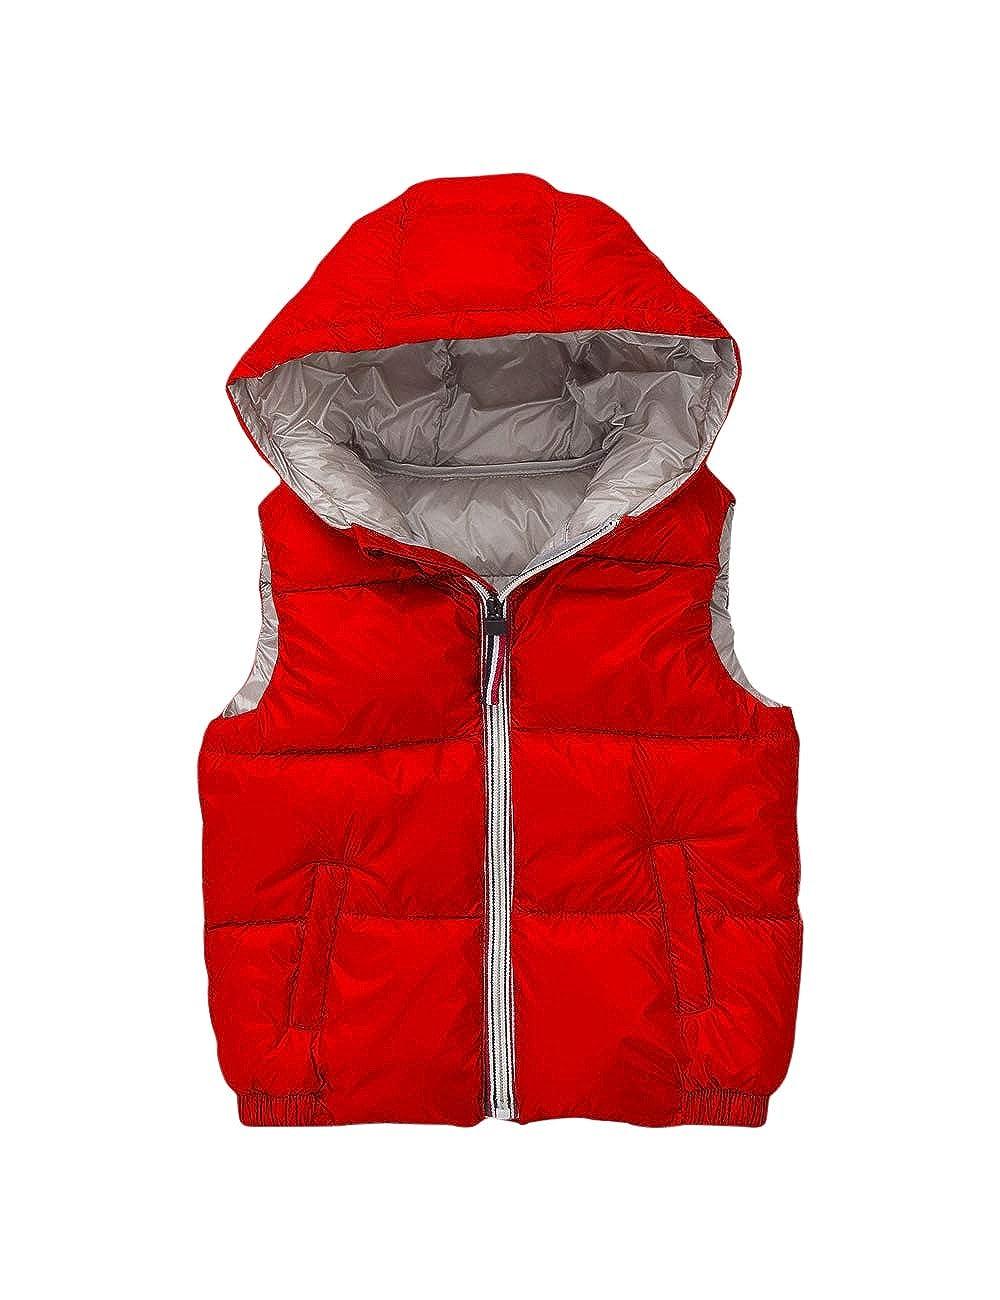 BESBOMIG Unisex Quilted Waistcoat Jacket Gilet - Cute Waterproof Vest Girls Boys